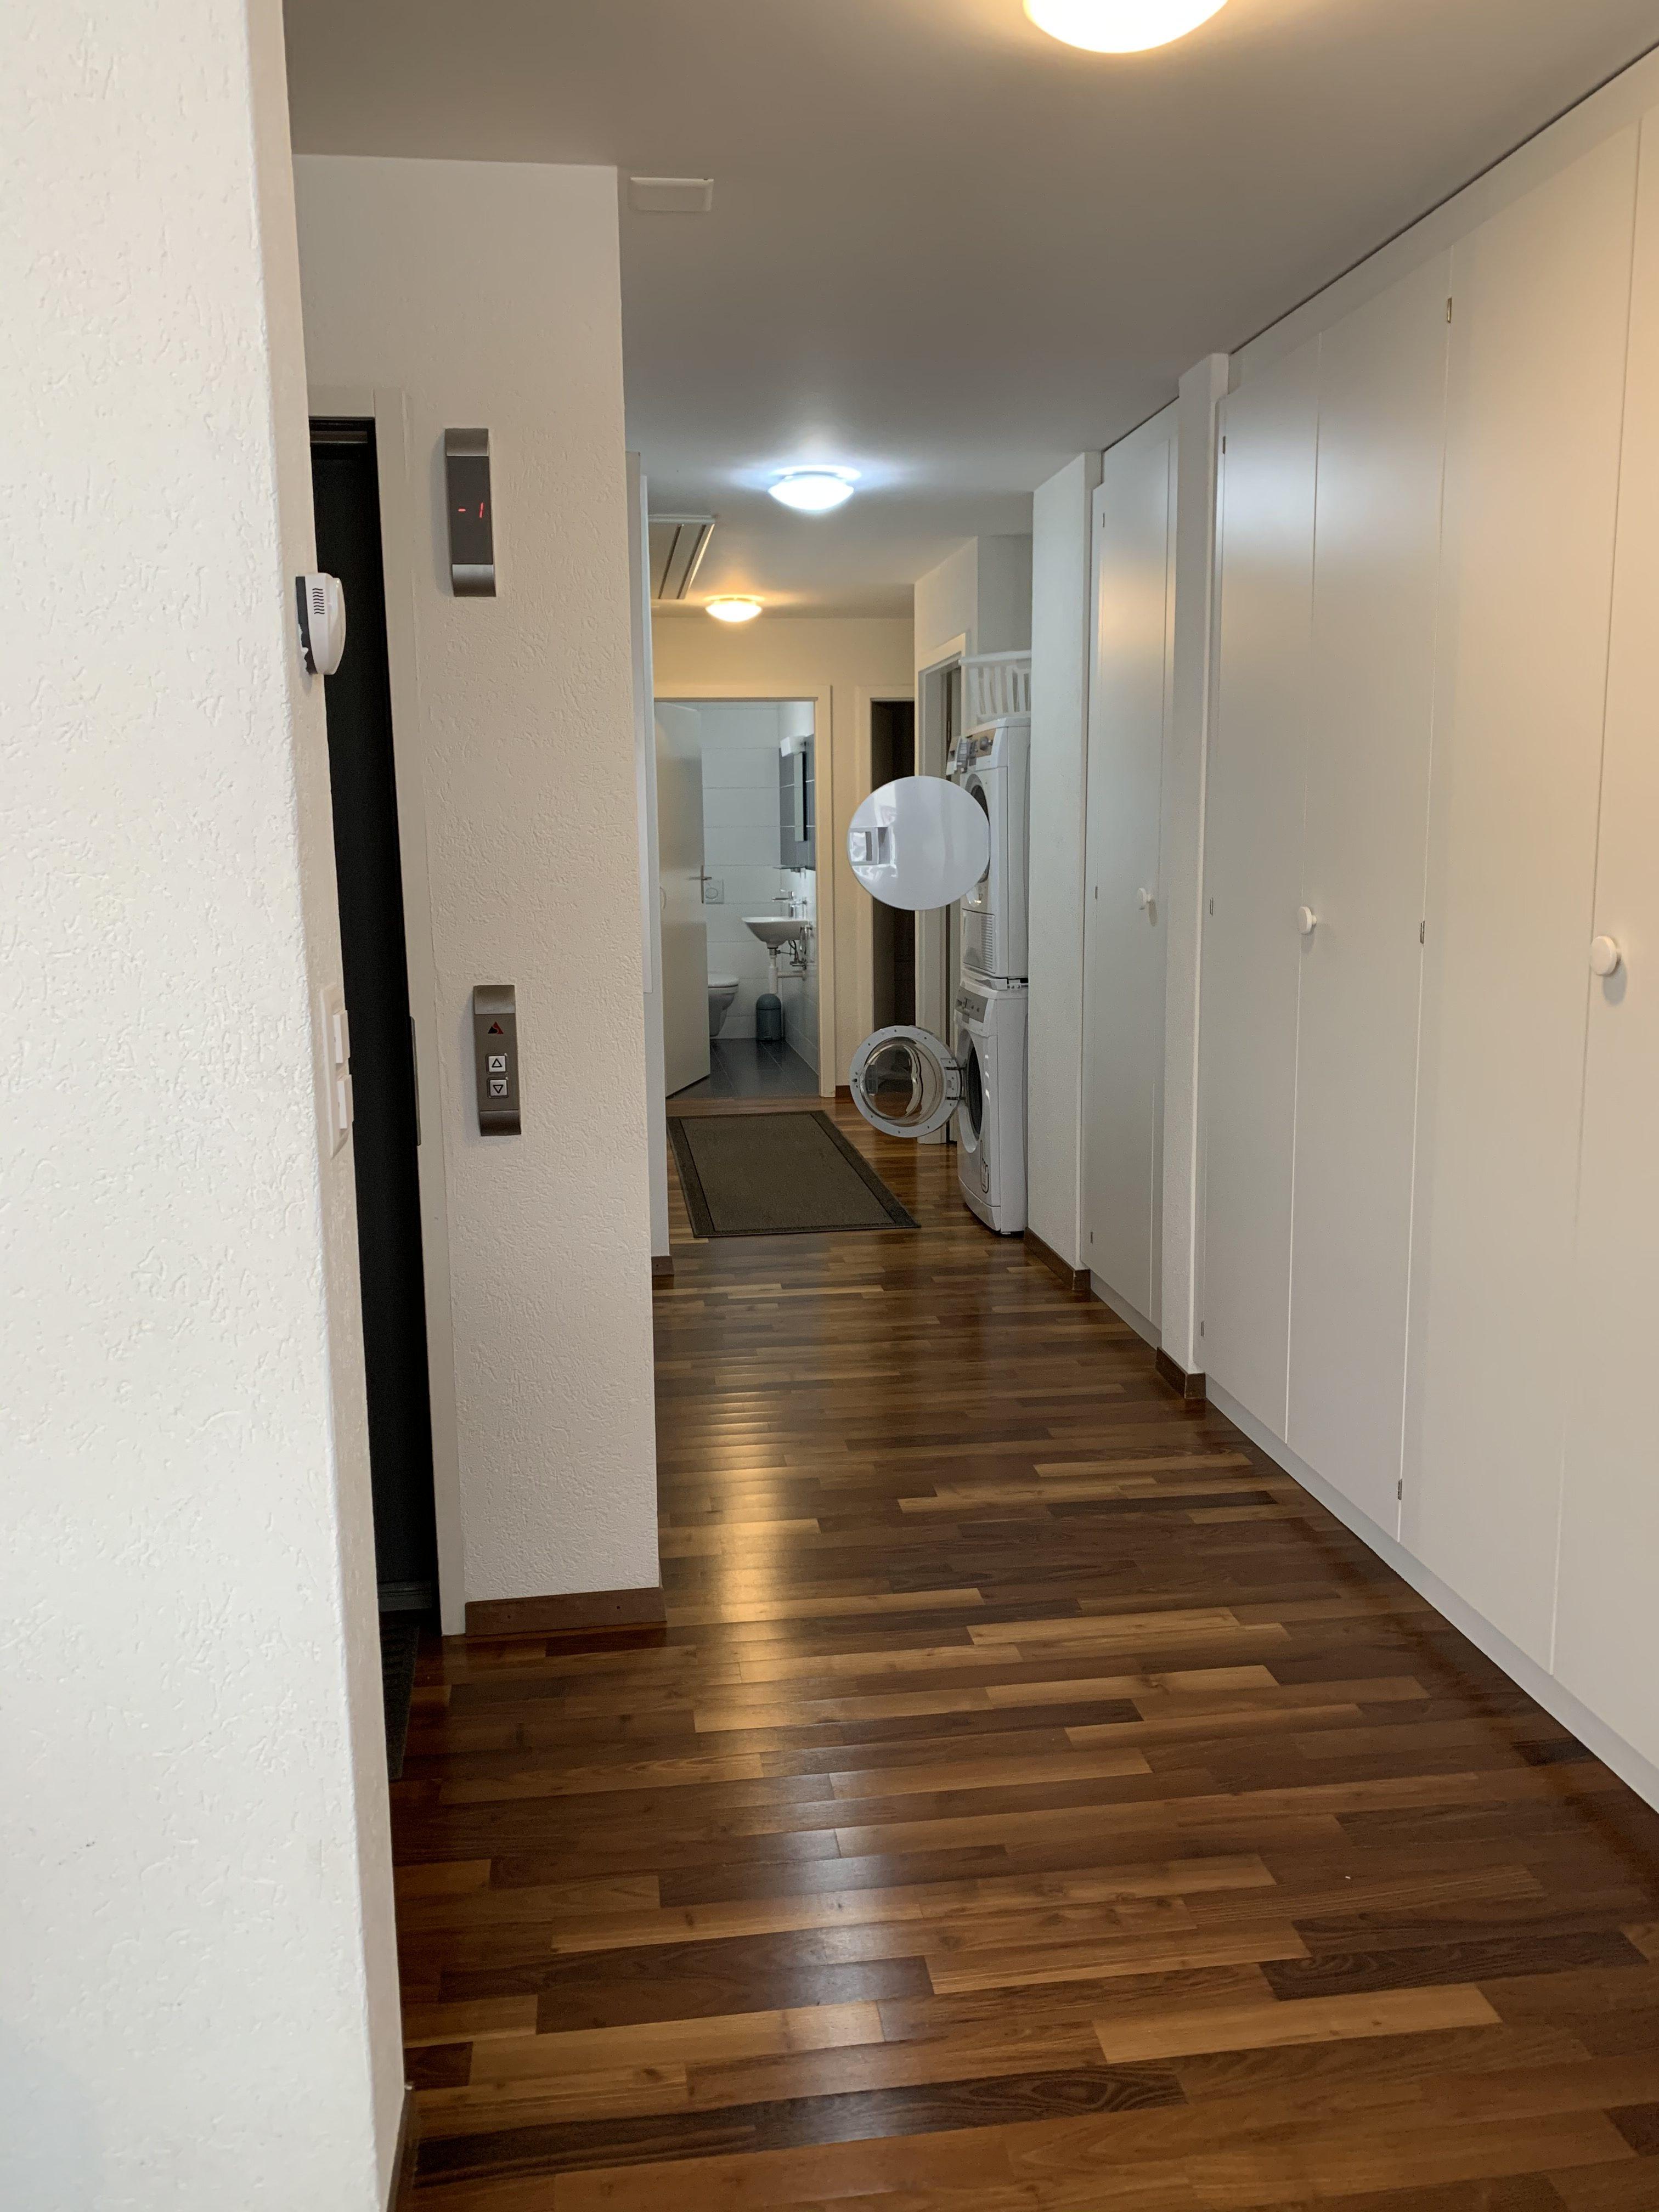 Rue de la Pontaise, Lausanne - 3,5 pièces - Lot 21 11